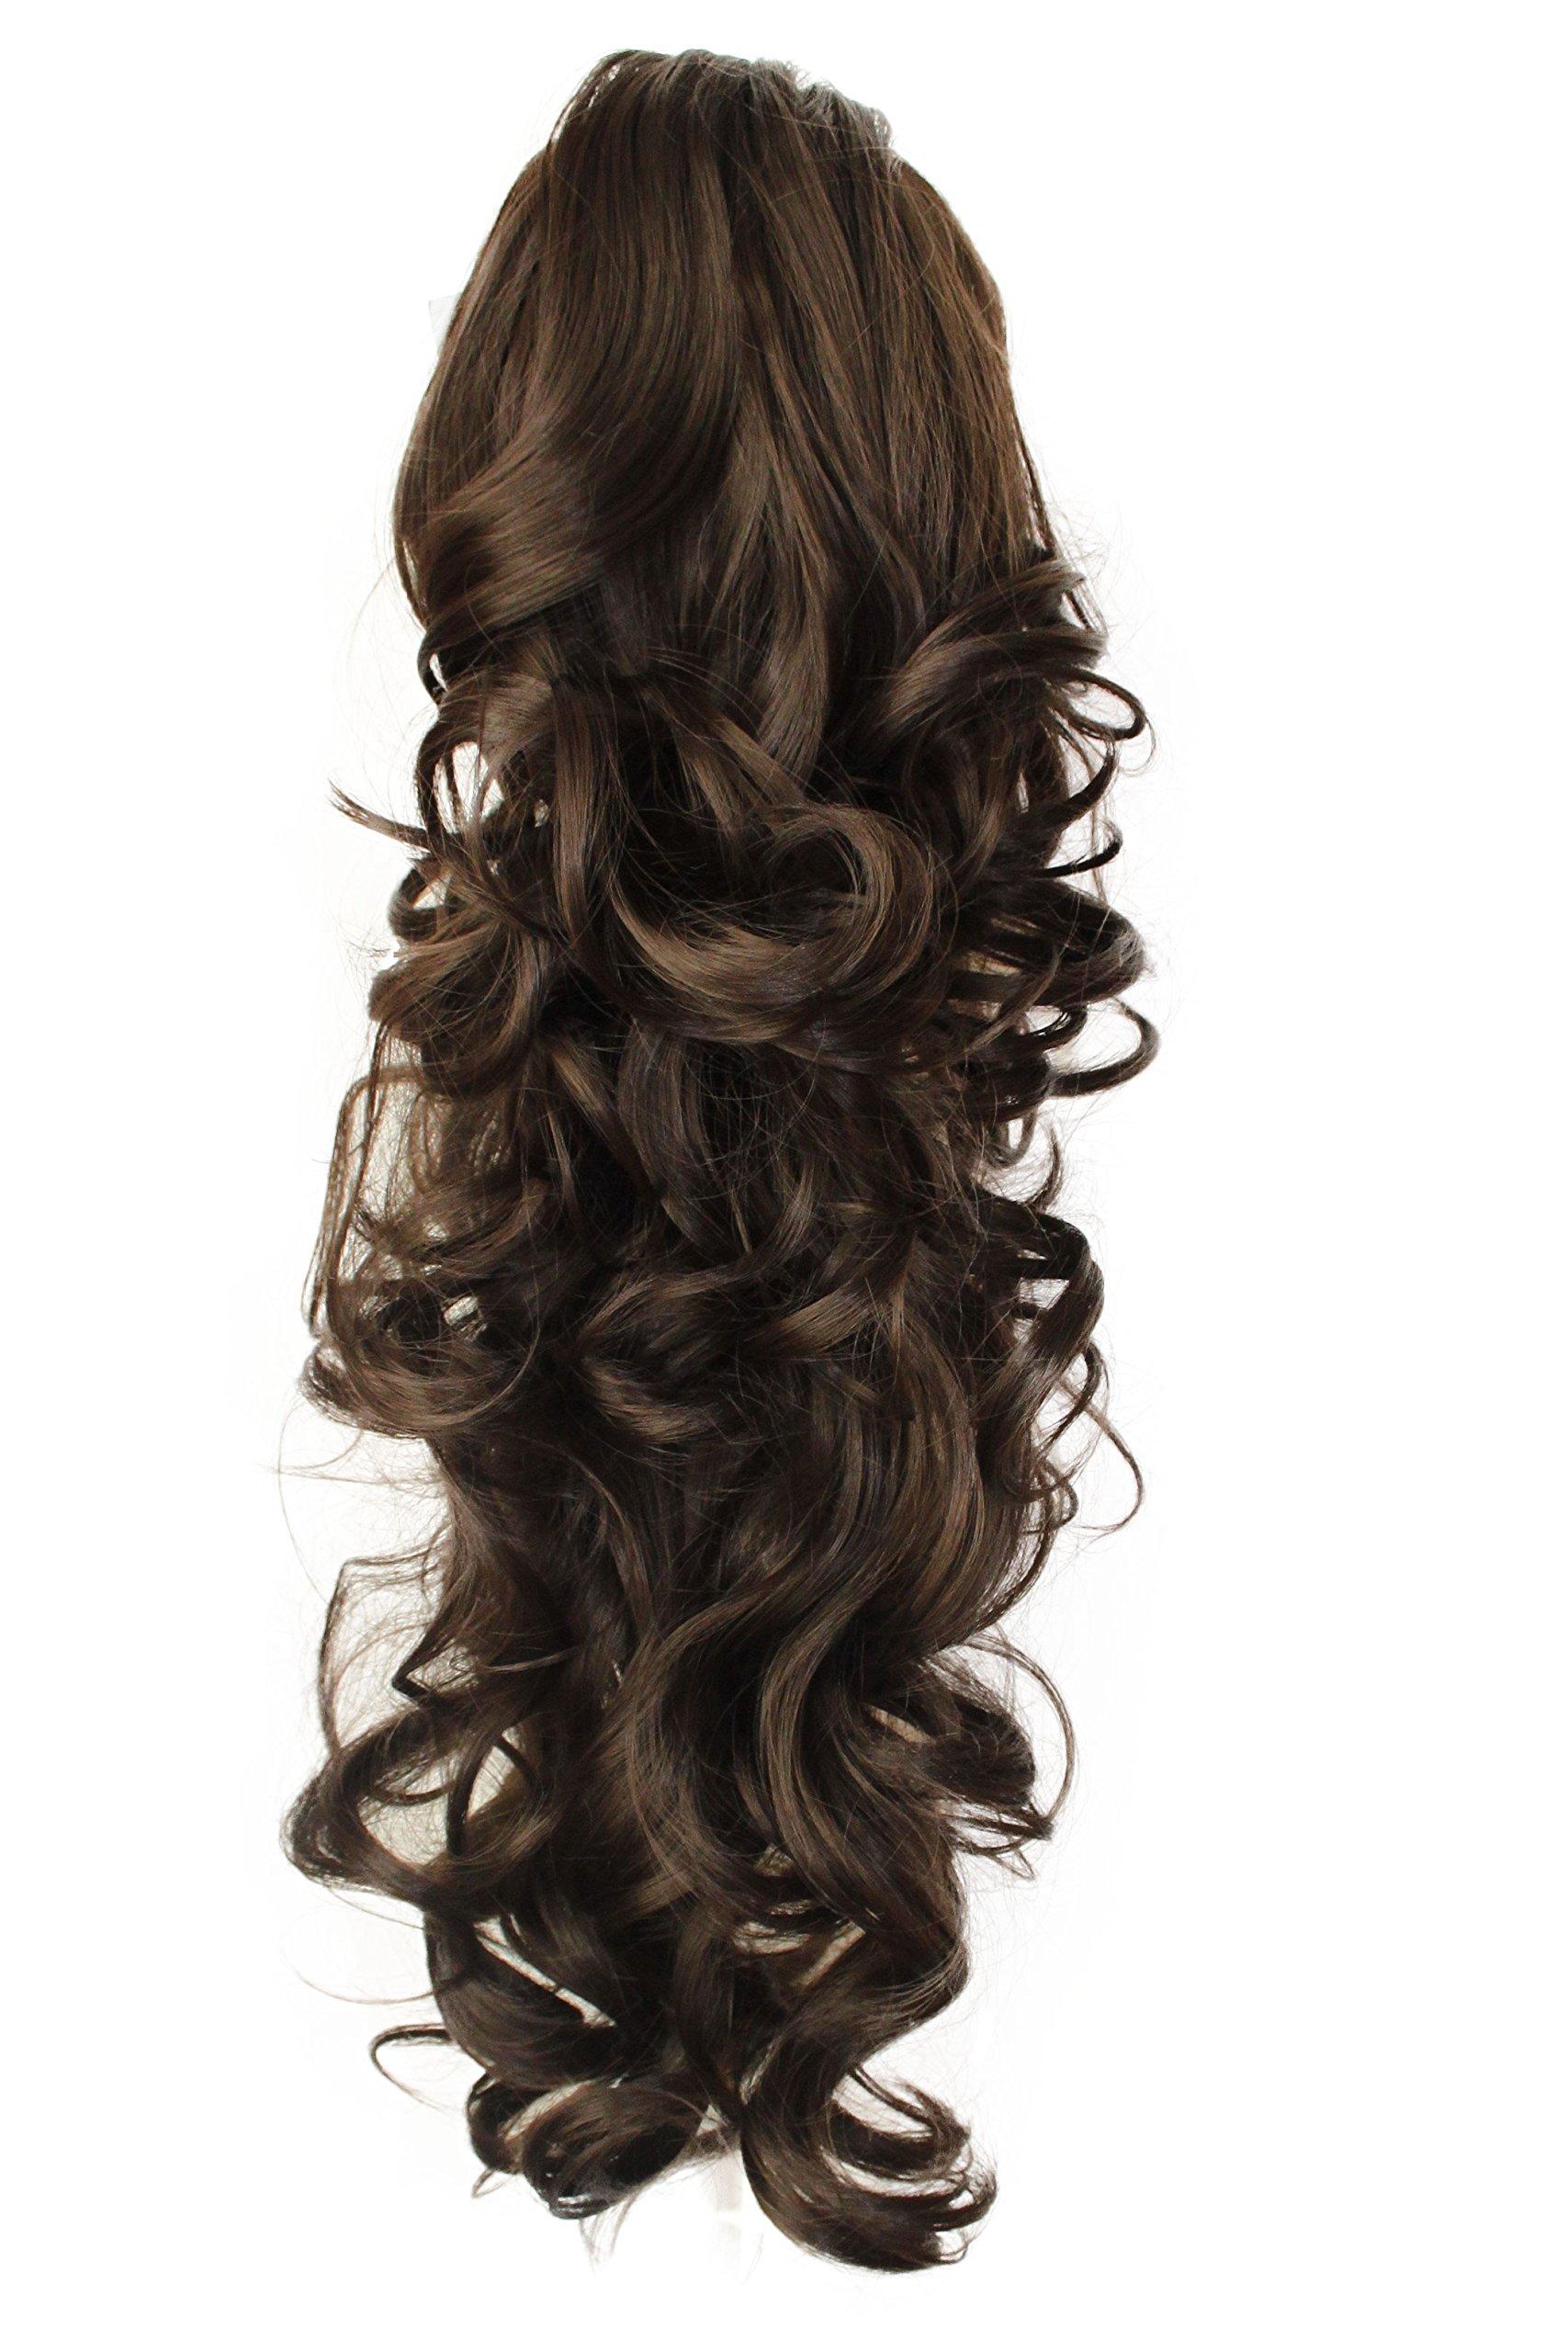 PRETTYSHOP 24'' Hair Piece Ponytail Clip On Extension Long Voluminous Wavy Heat-Resisting Brunette # 6/8 H53